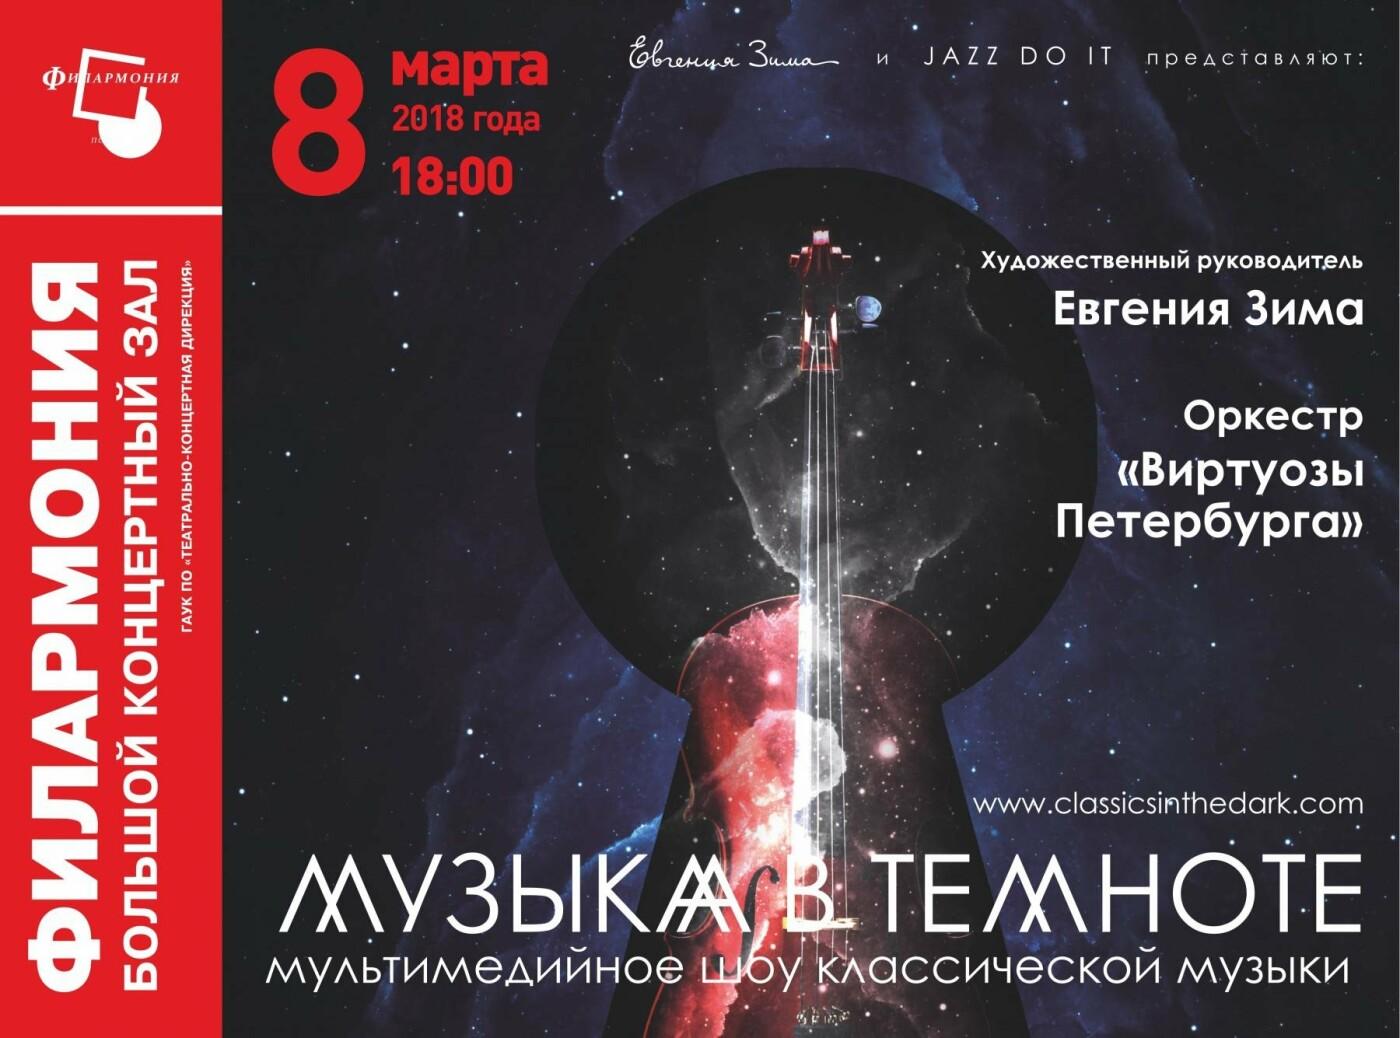 Услышать произведения великих композиторов в космическом пространстве станет возможным 8 марта в Псковской областной филармонии, фото-1